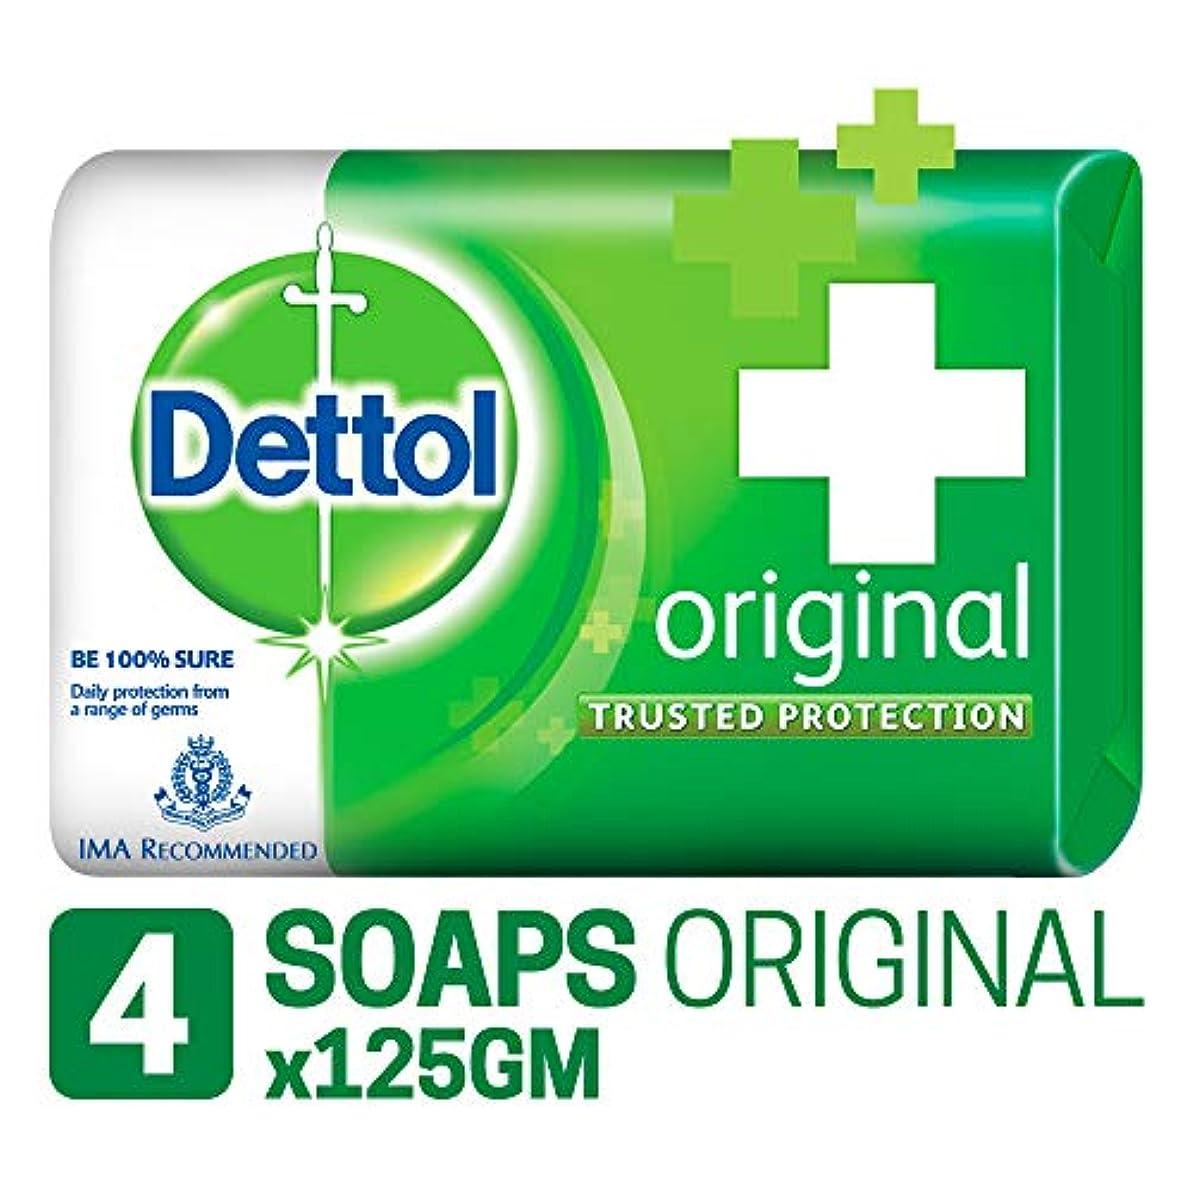 シリンダー一羊のDettol Original Soap, 125g (Pack Of 4) SHIP FROM INDIA